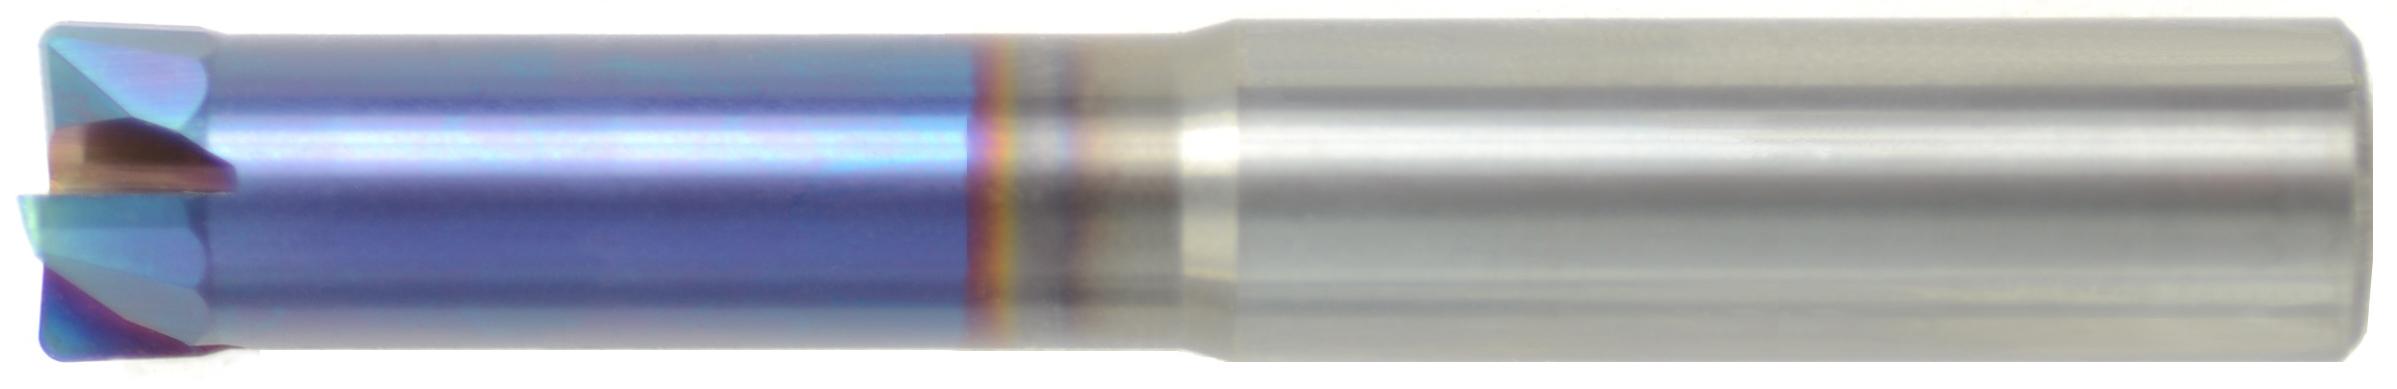 PSW4860-2